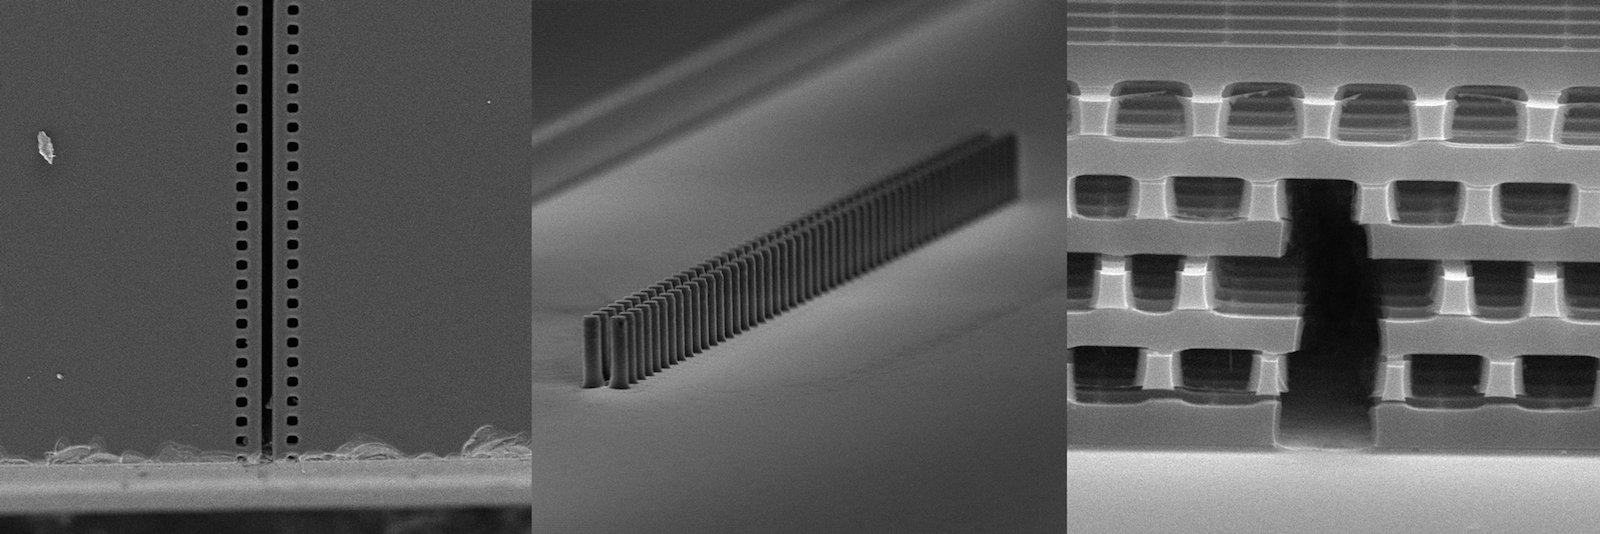 Beispiele für Nanostrukturen, die für den Miniaturbeschleuniger untersucht werden.